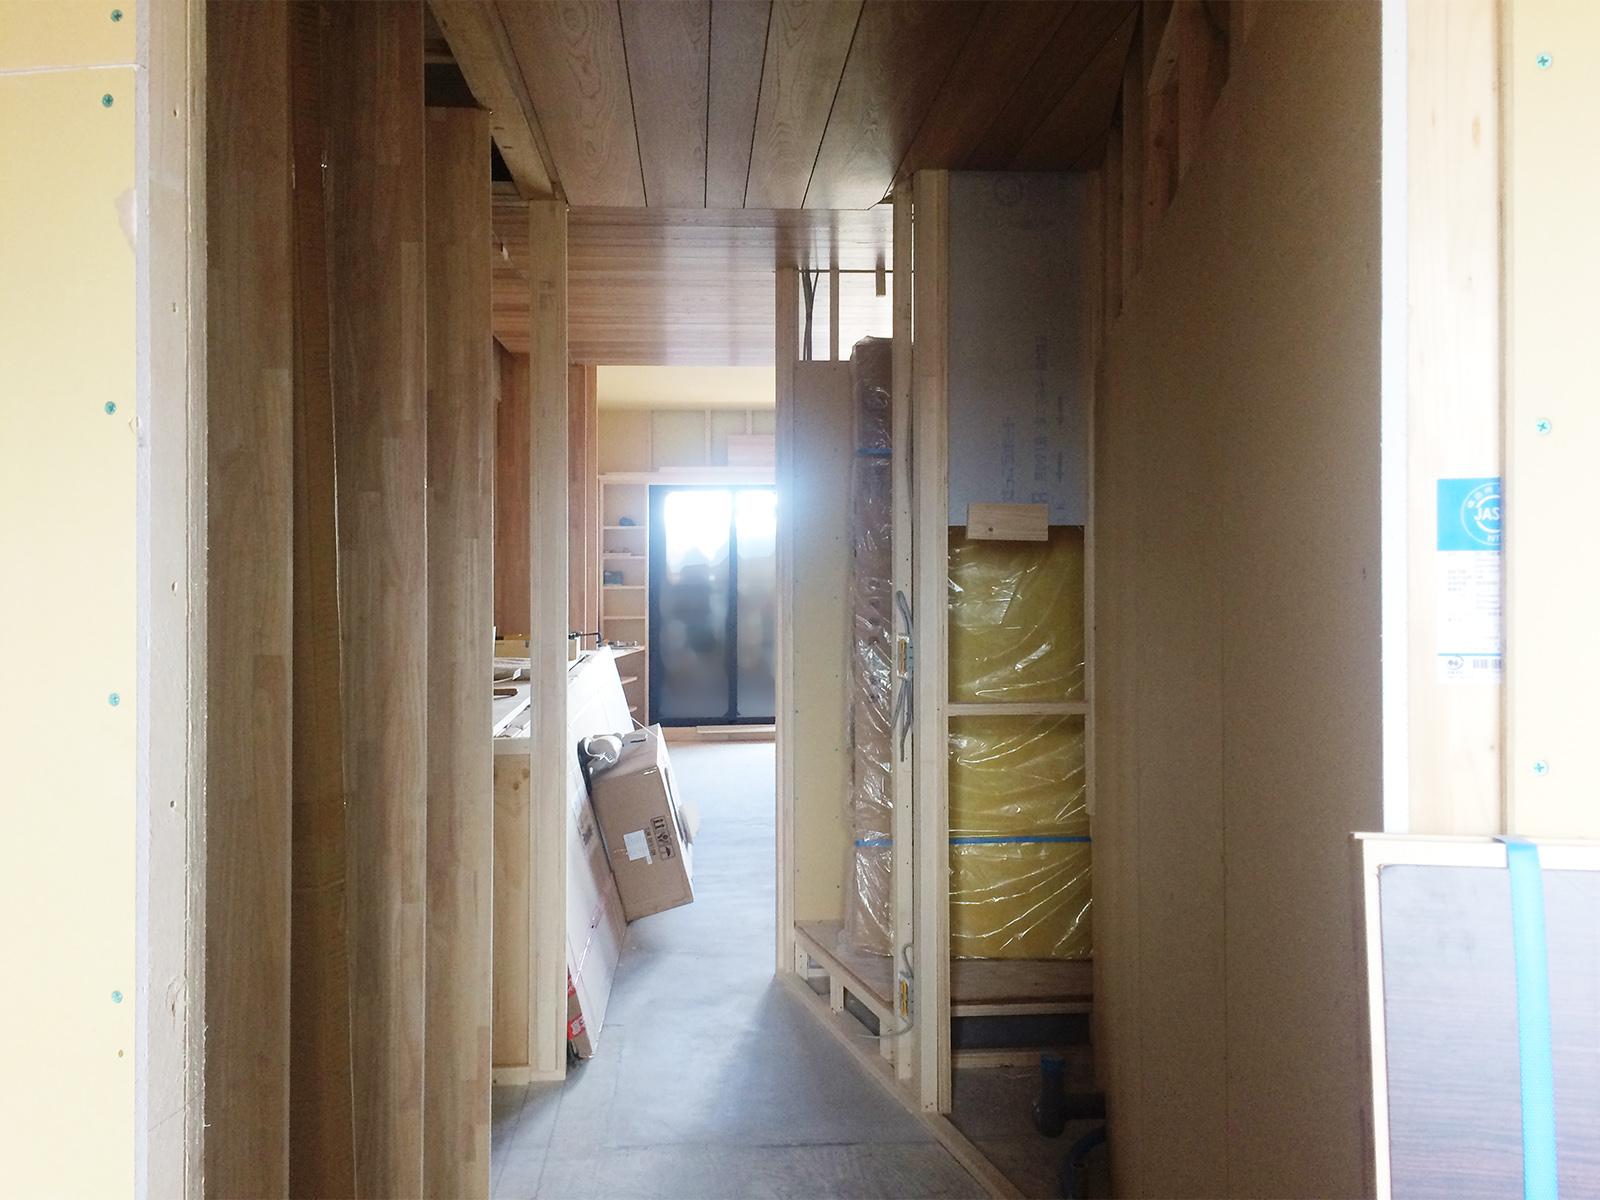 堺市 なかもずマンションのリノベーション(廊下)